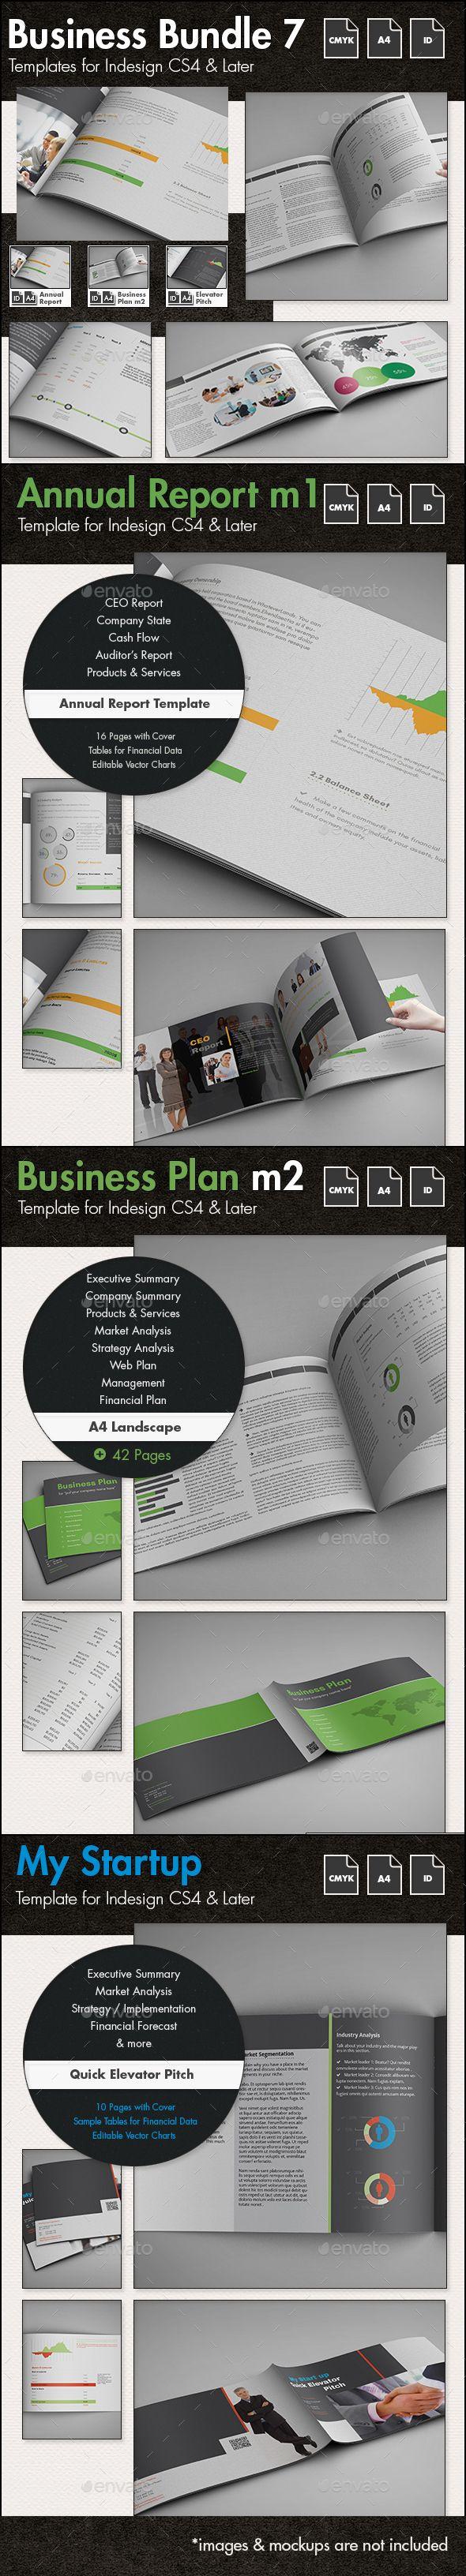 Business Templates Bundle 7 - A4 Landscape